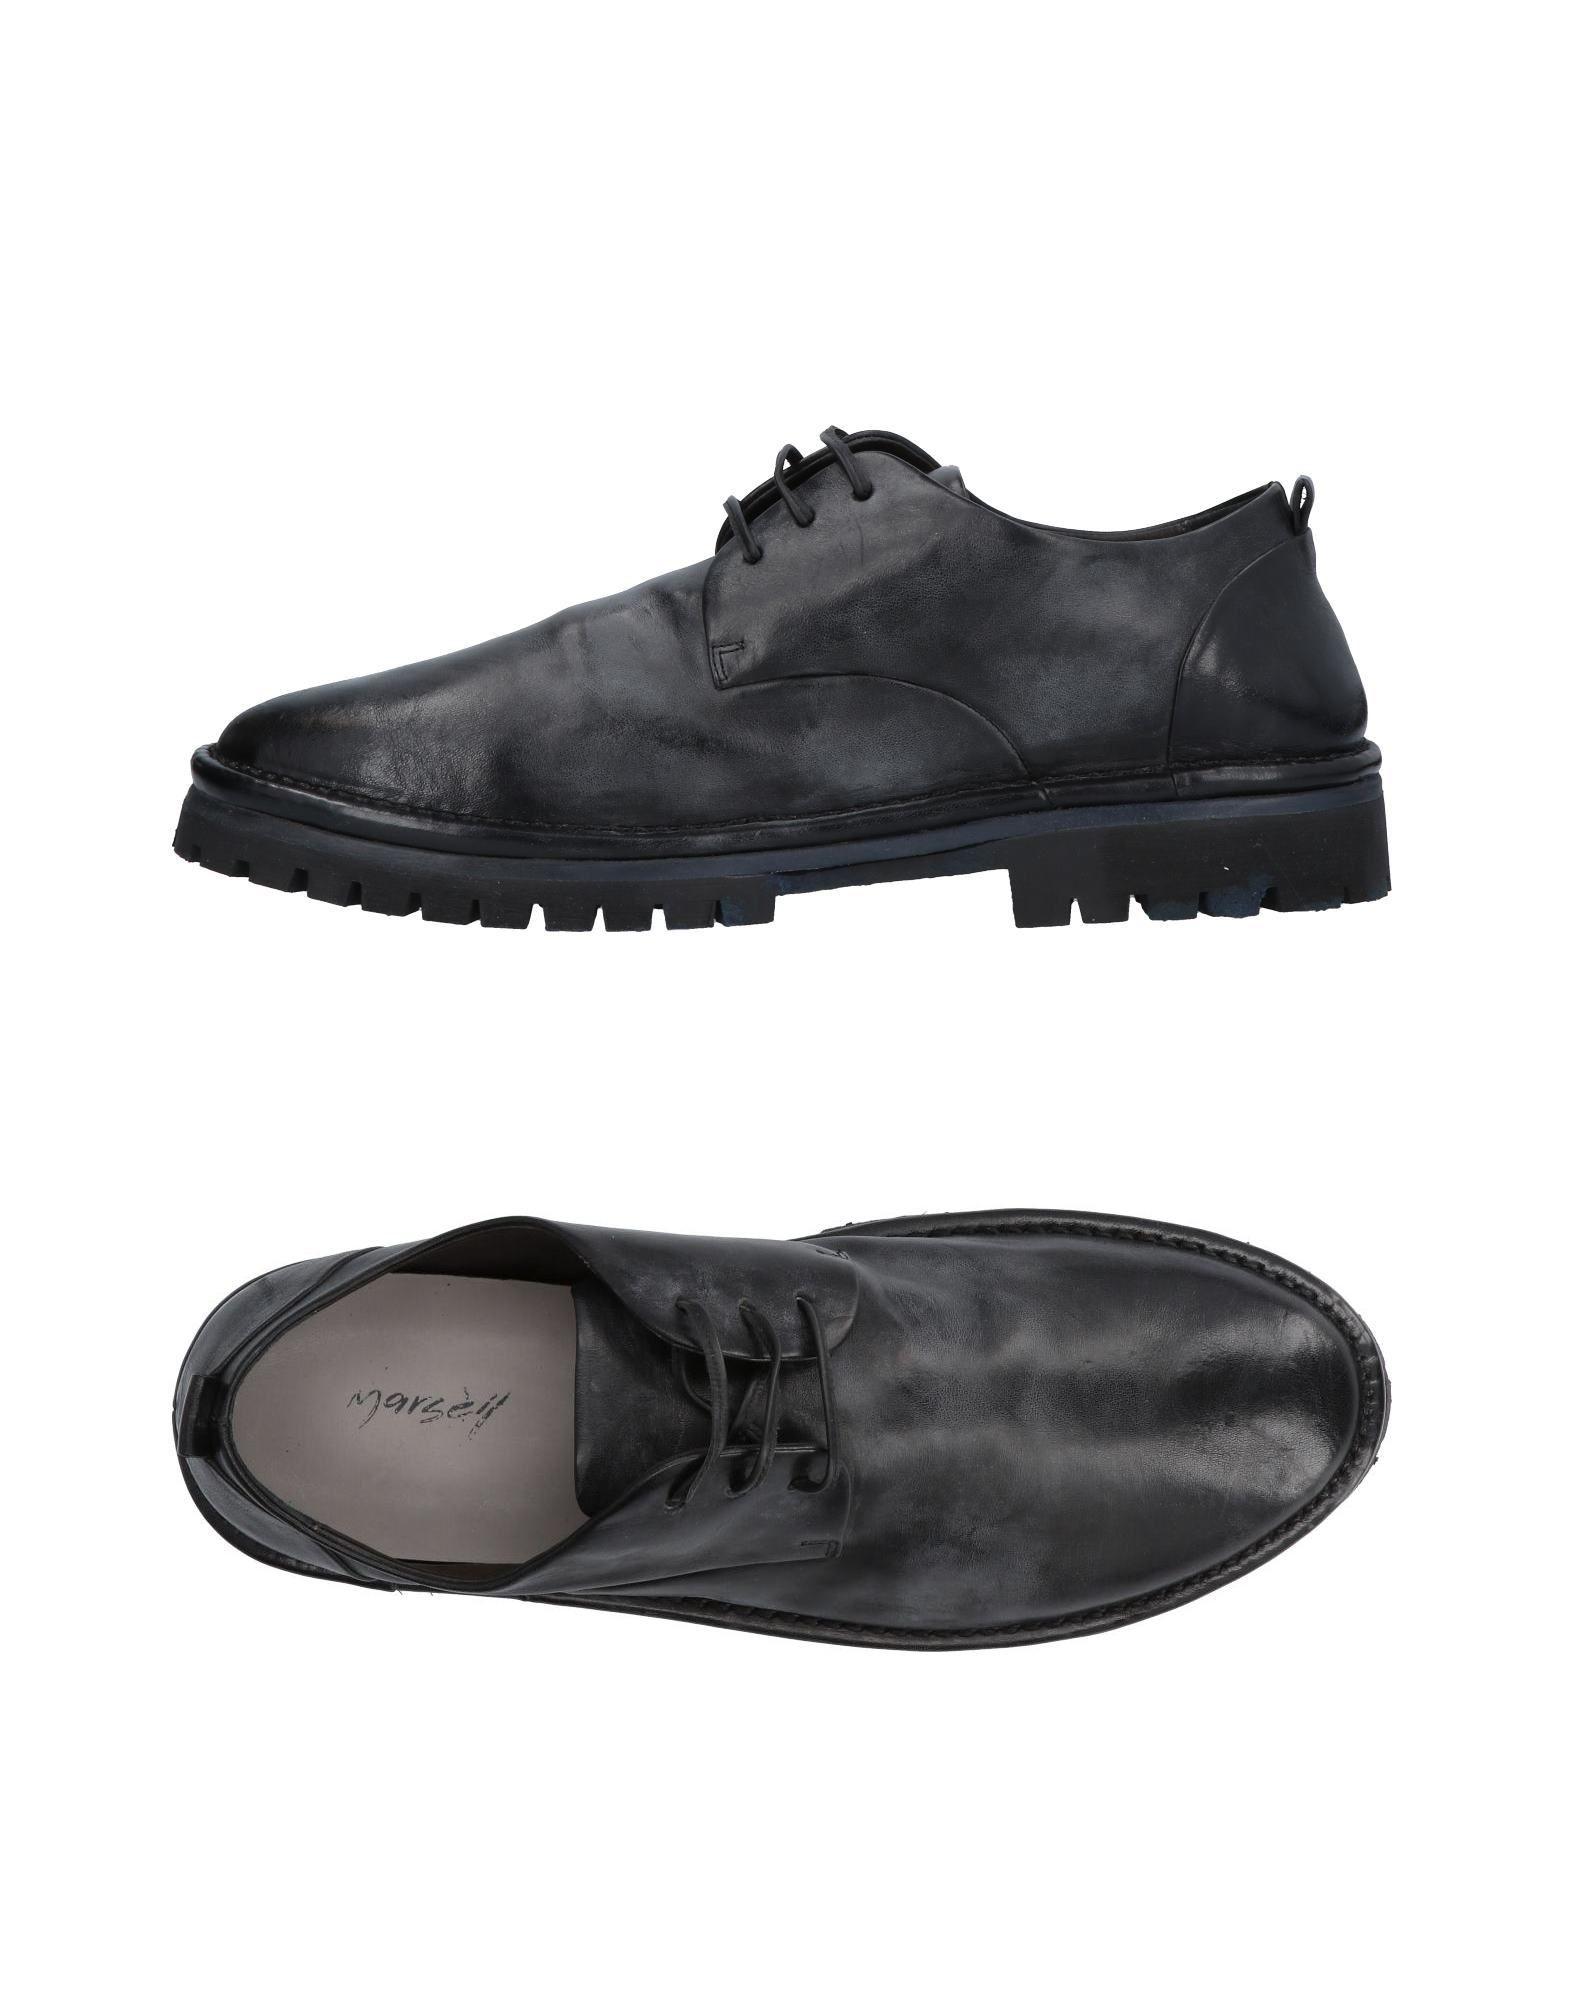 Marsèll Schnürschuhe Herren  11454197BV Gute Qualität beliebte Schuhe